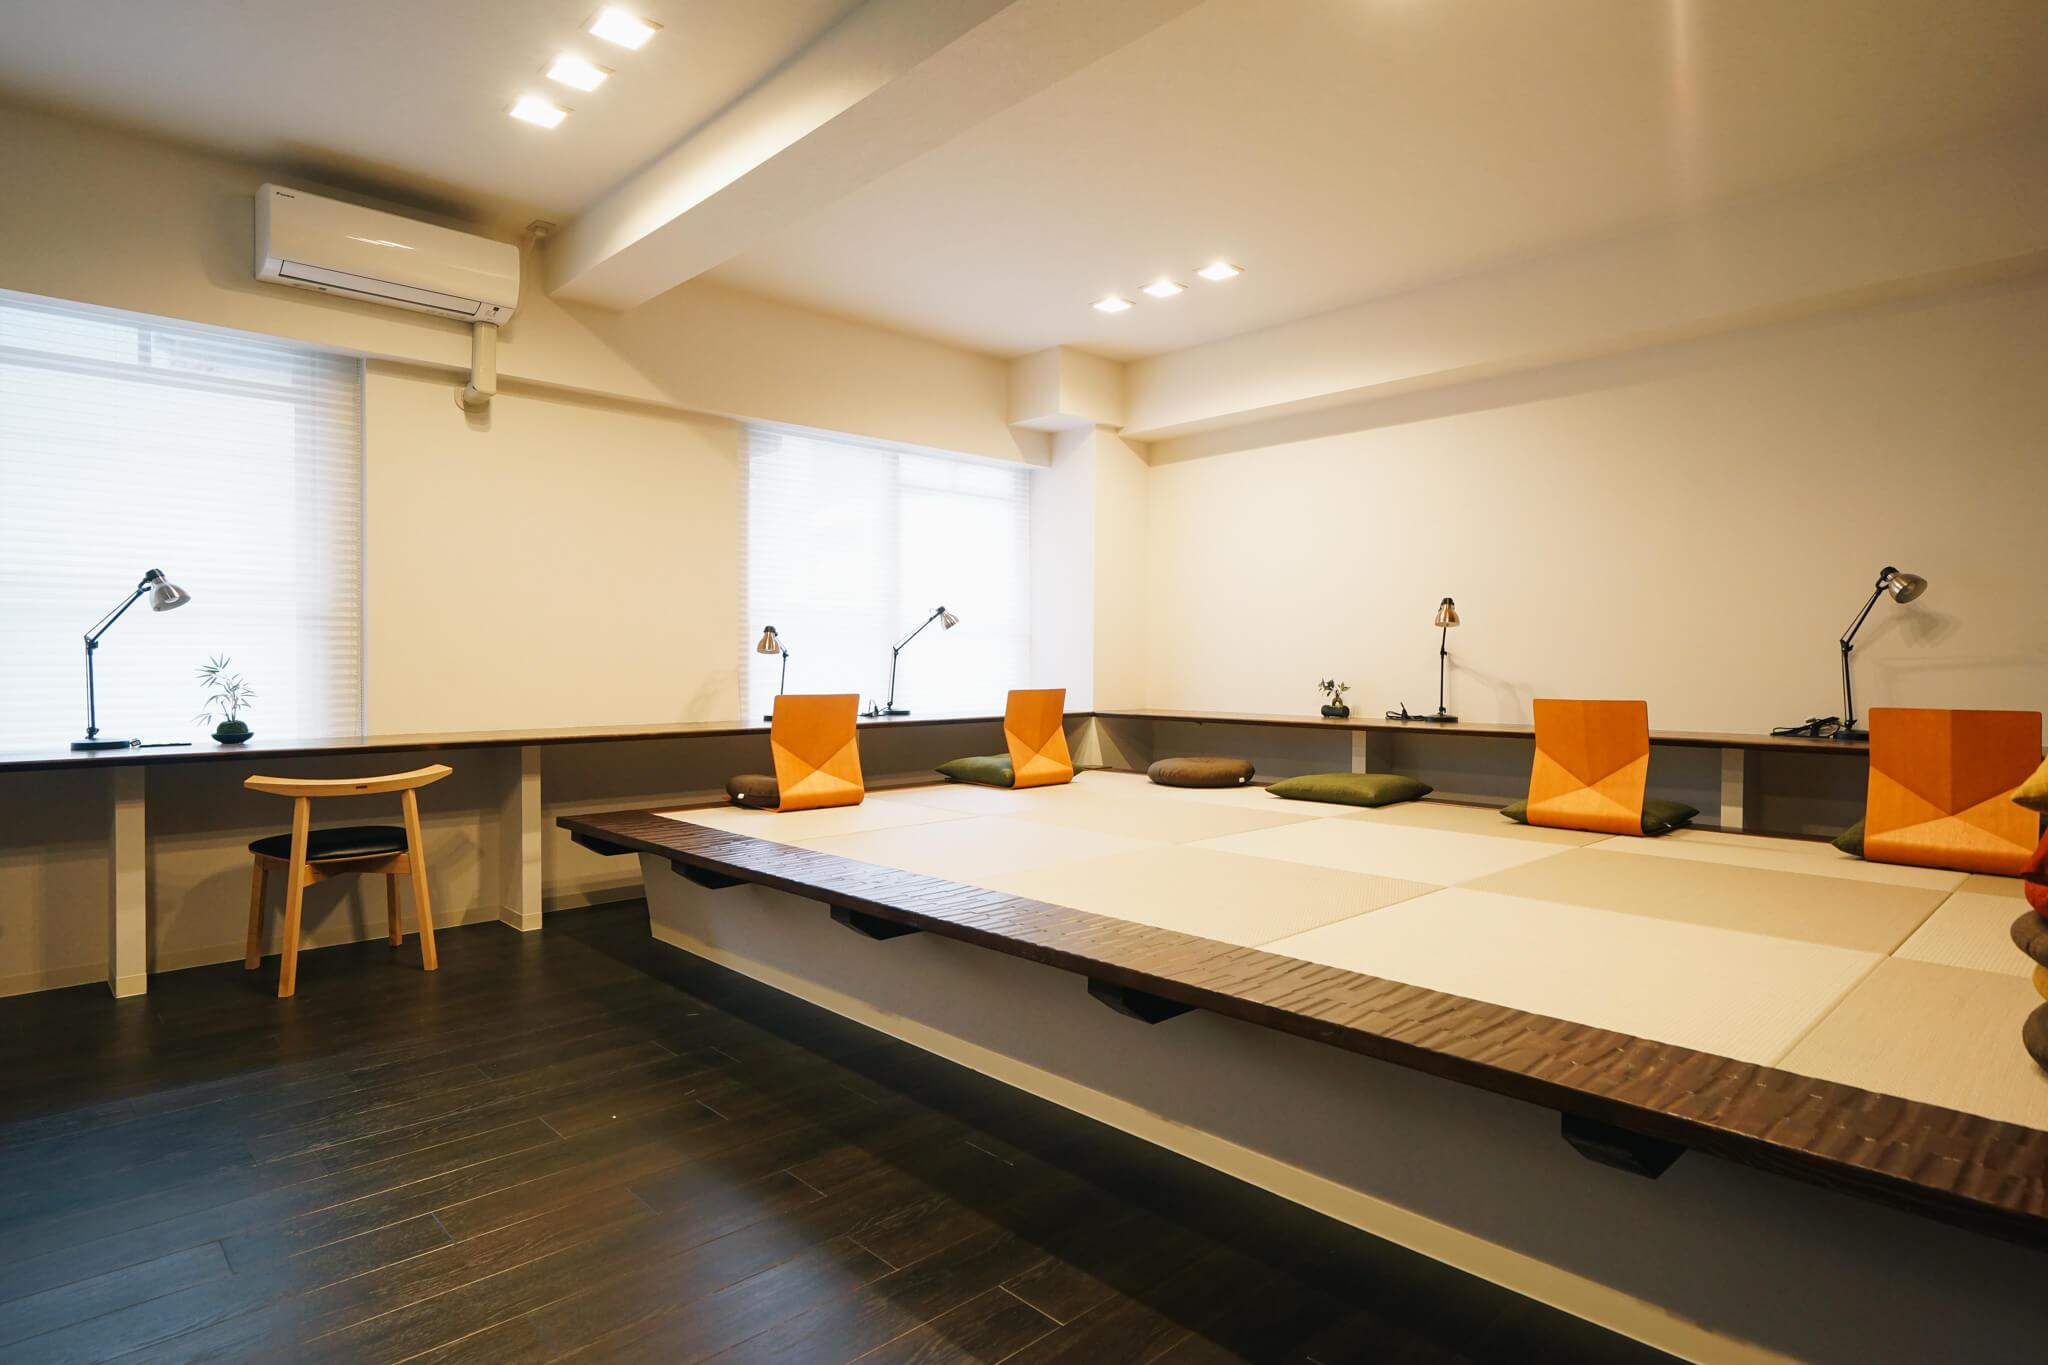 まず、自慢の部屋ですと案内していただいたスタディールームは、なんと小上がりの畳敷き!